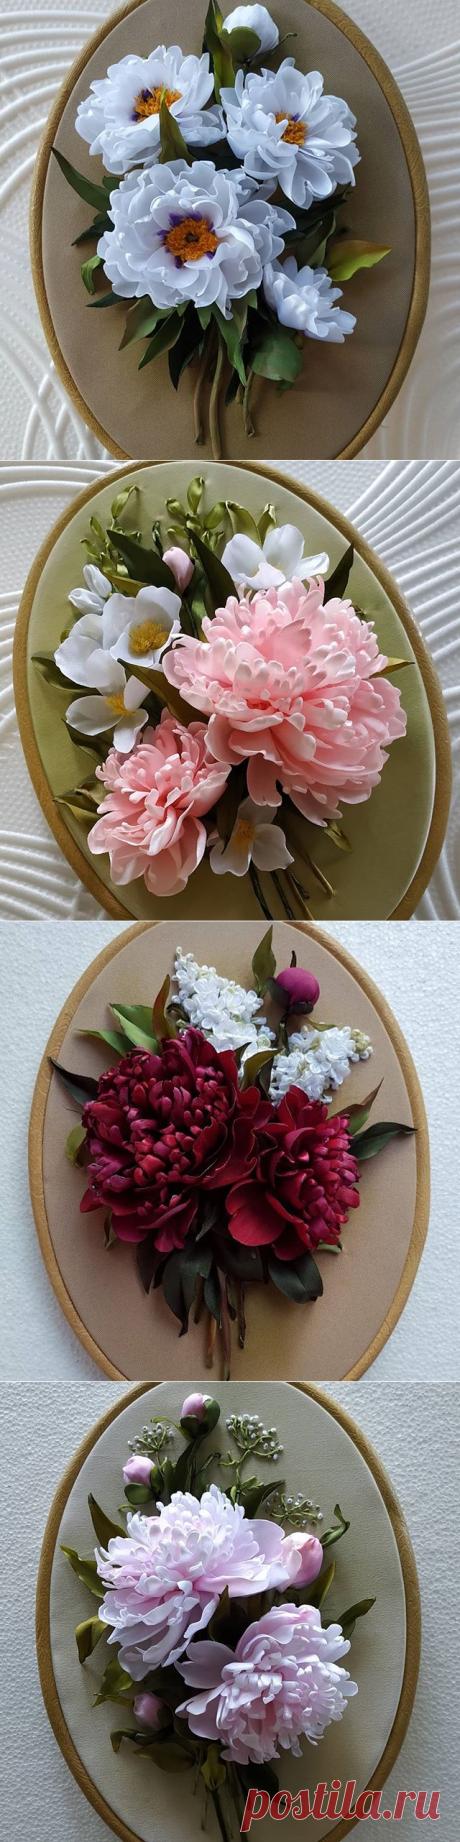 Наталья (ЧЕБОКСАРЫ) (@flowerparadise1980) • Фото и видео в Instagram